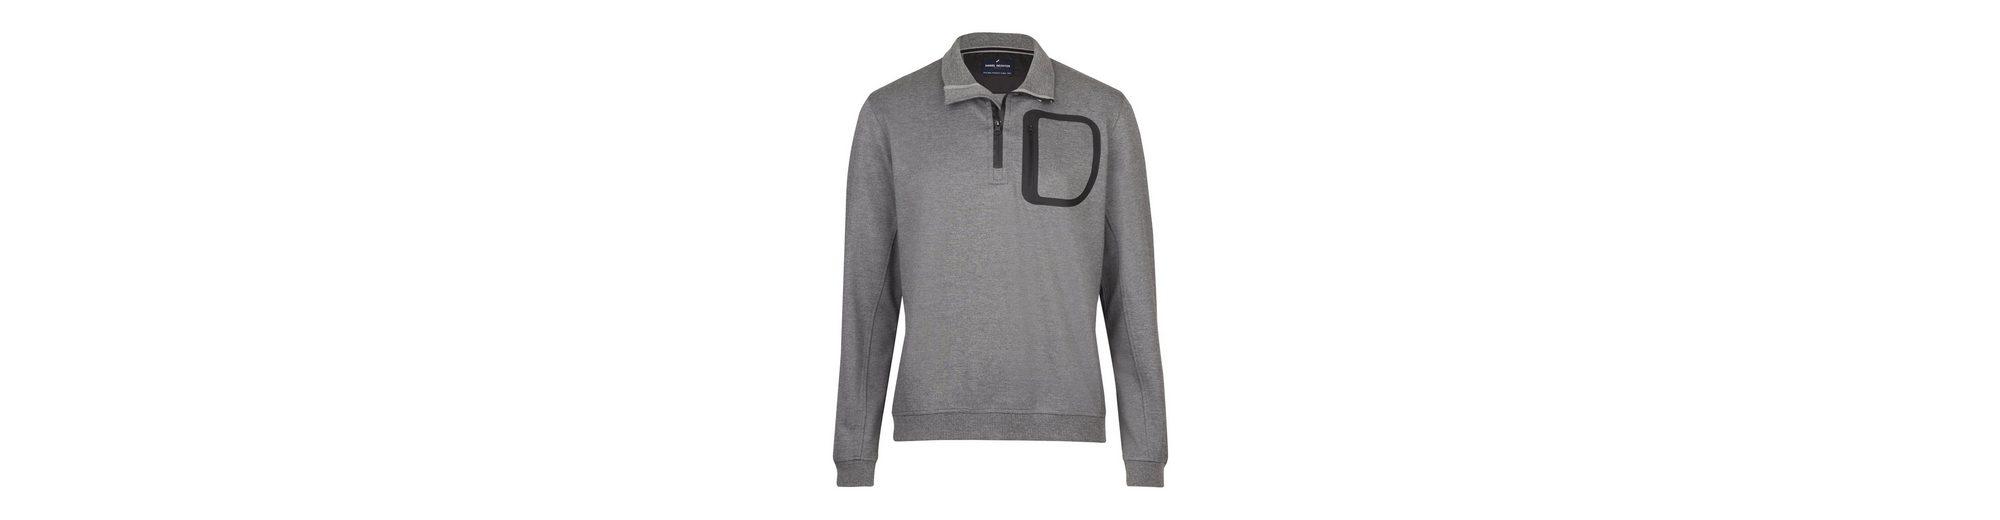 Daniel Hechter Funktionales Sweatshirt Outlet Beste Geschäft Zu Bekommen  Online-Verkauf Footaction Online-Verkauf ghoIOD5